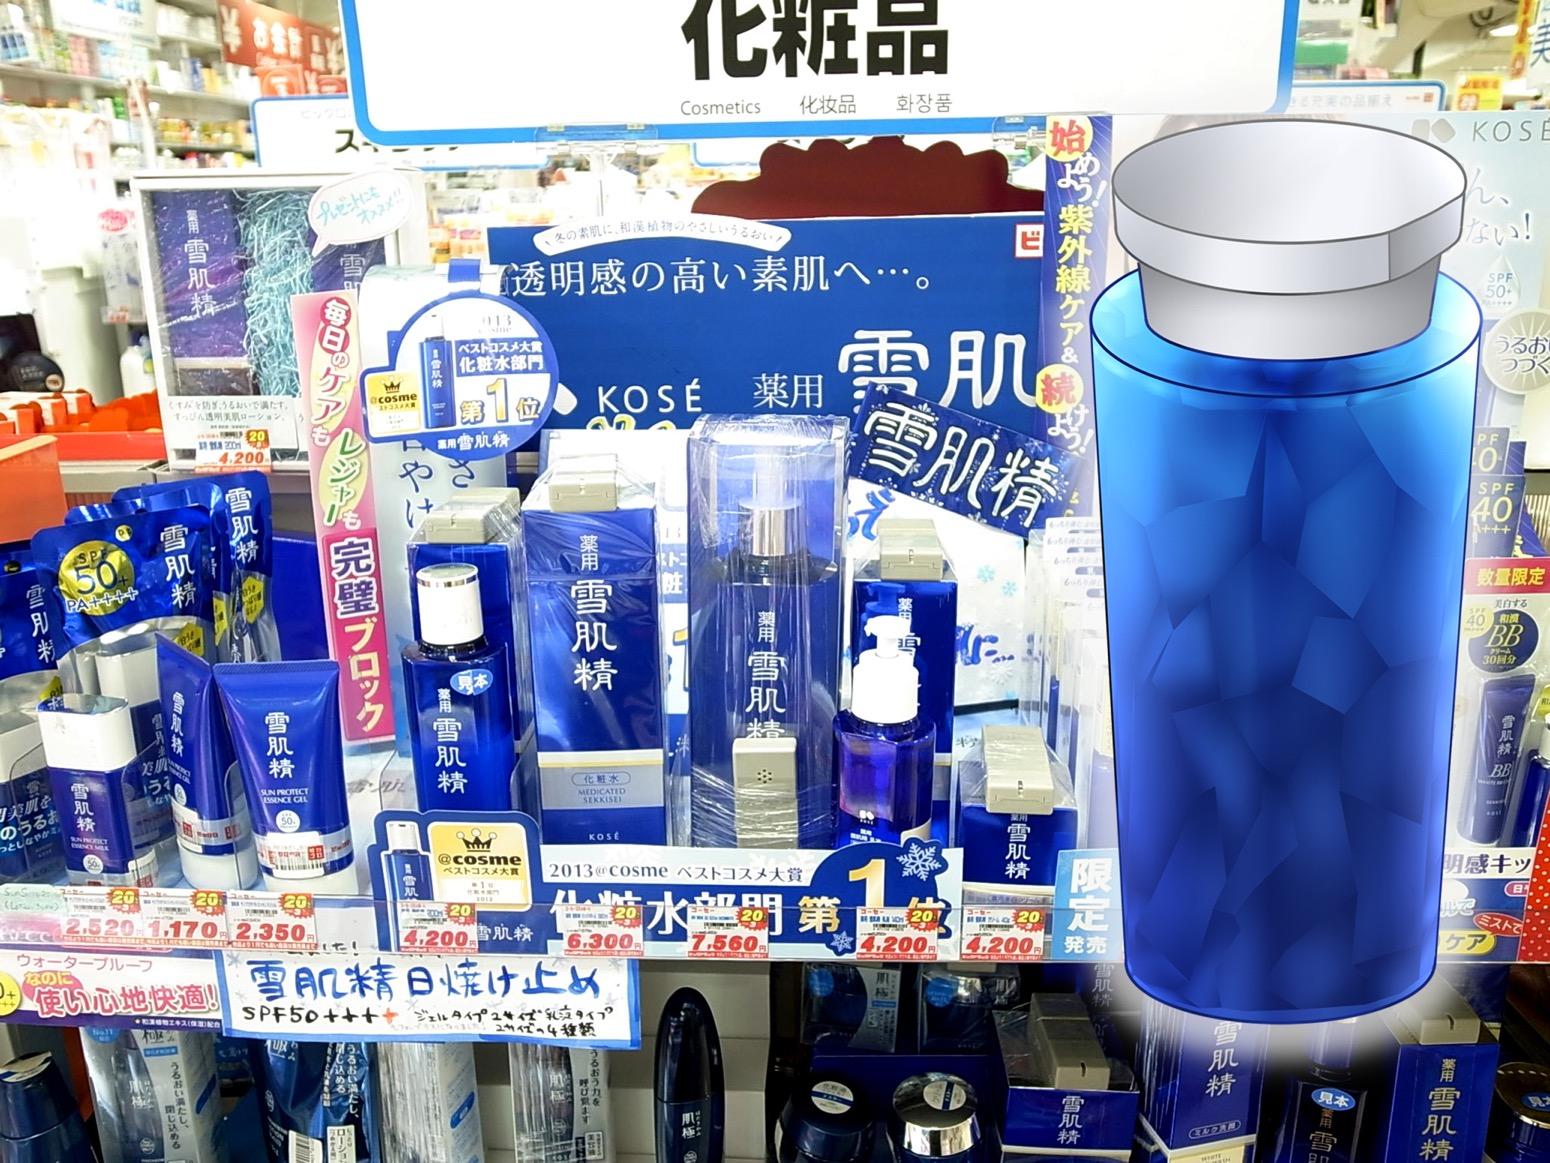 BIC 藥妝喜達客思新宿中央路店